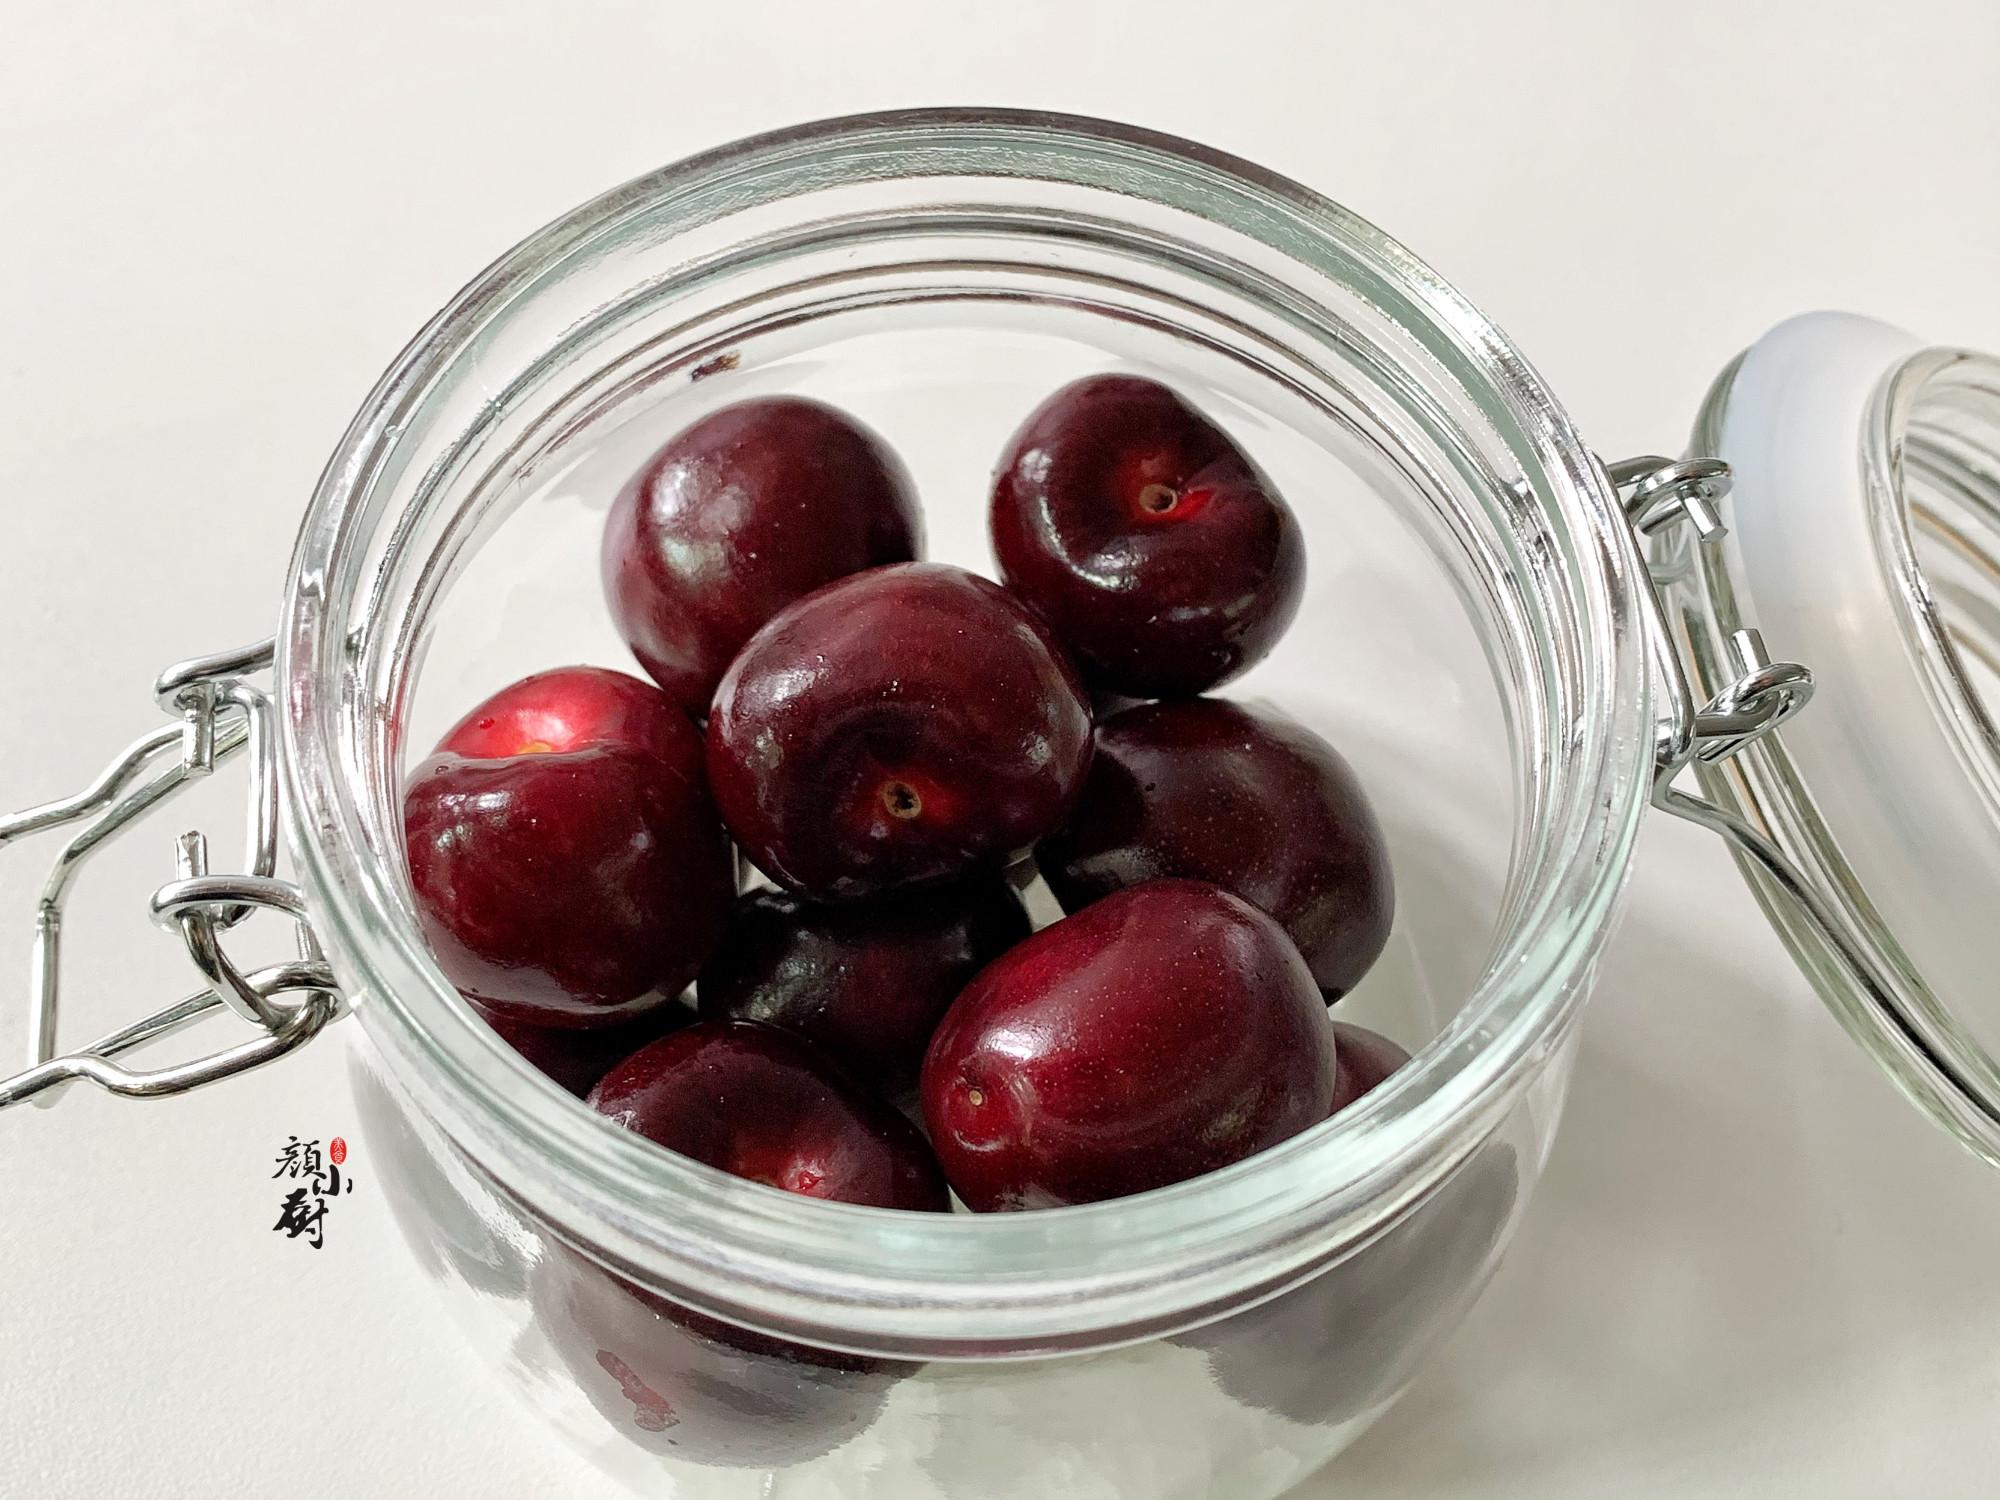 4月,遇到这碱性水果别手软,目前正是上市季,营养极高,别错过 美食做法 第8张